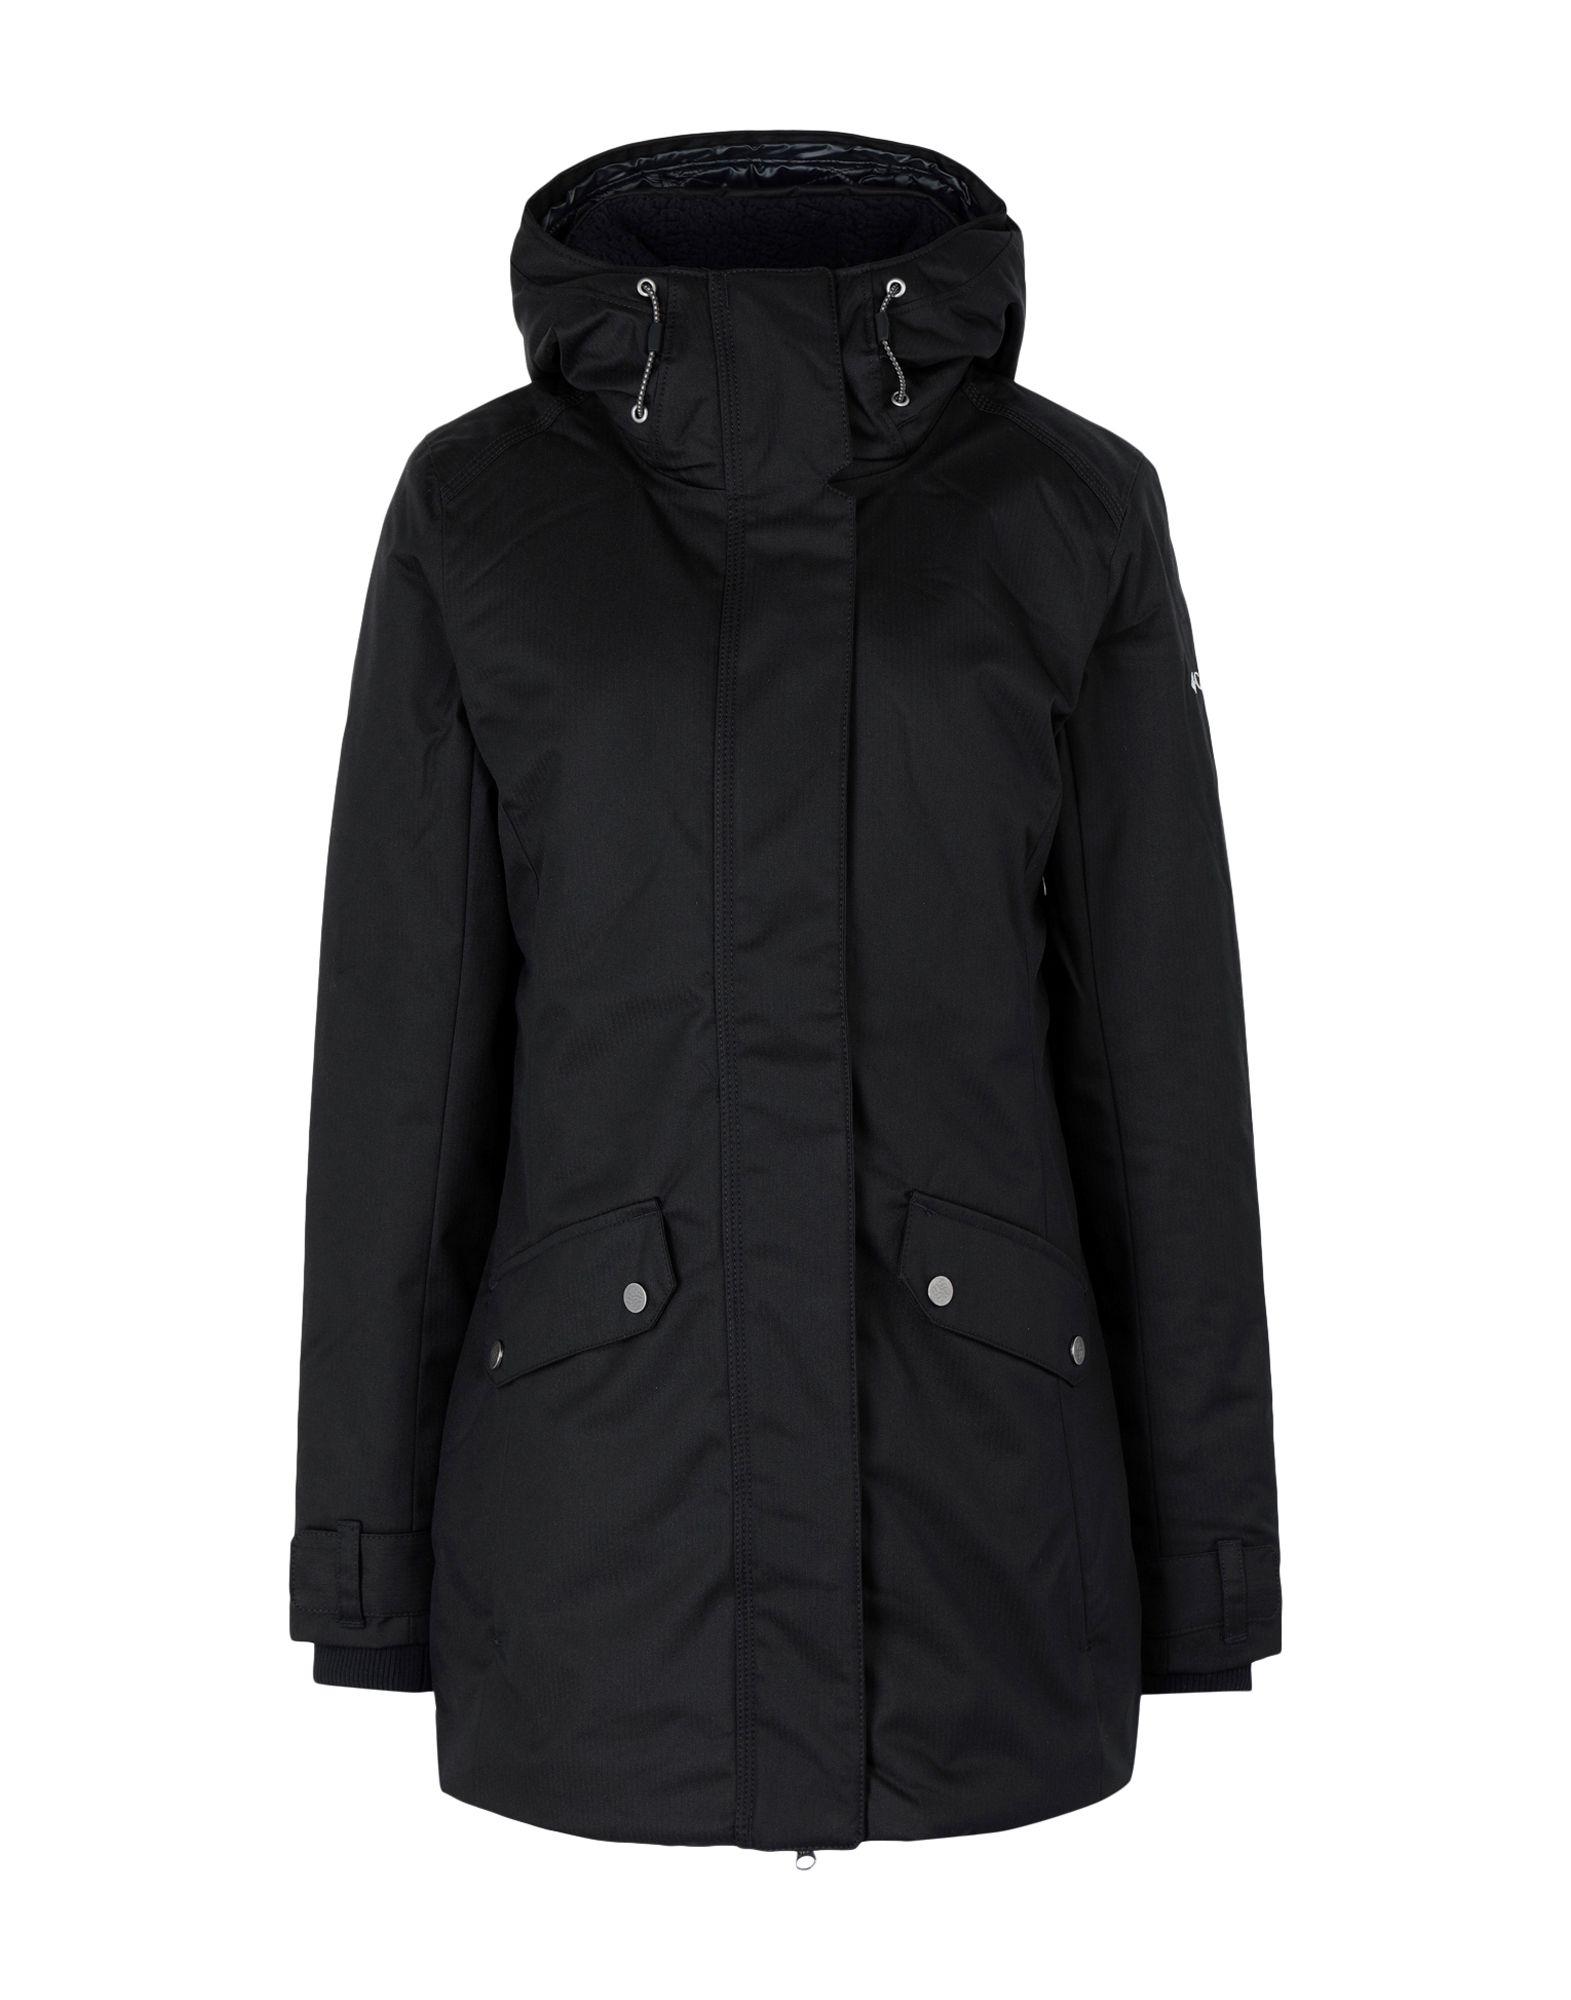 《送料無料》COLUMBIA レディース コート ブラック XS ポリエステル 100% Pine Bridge Jacket